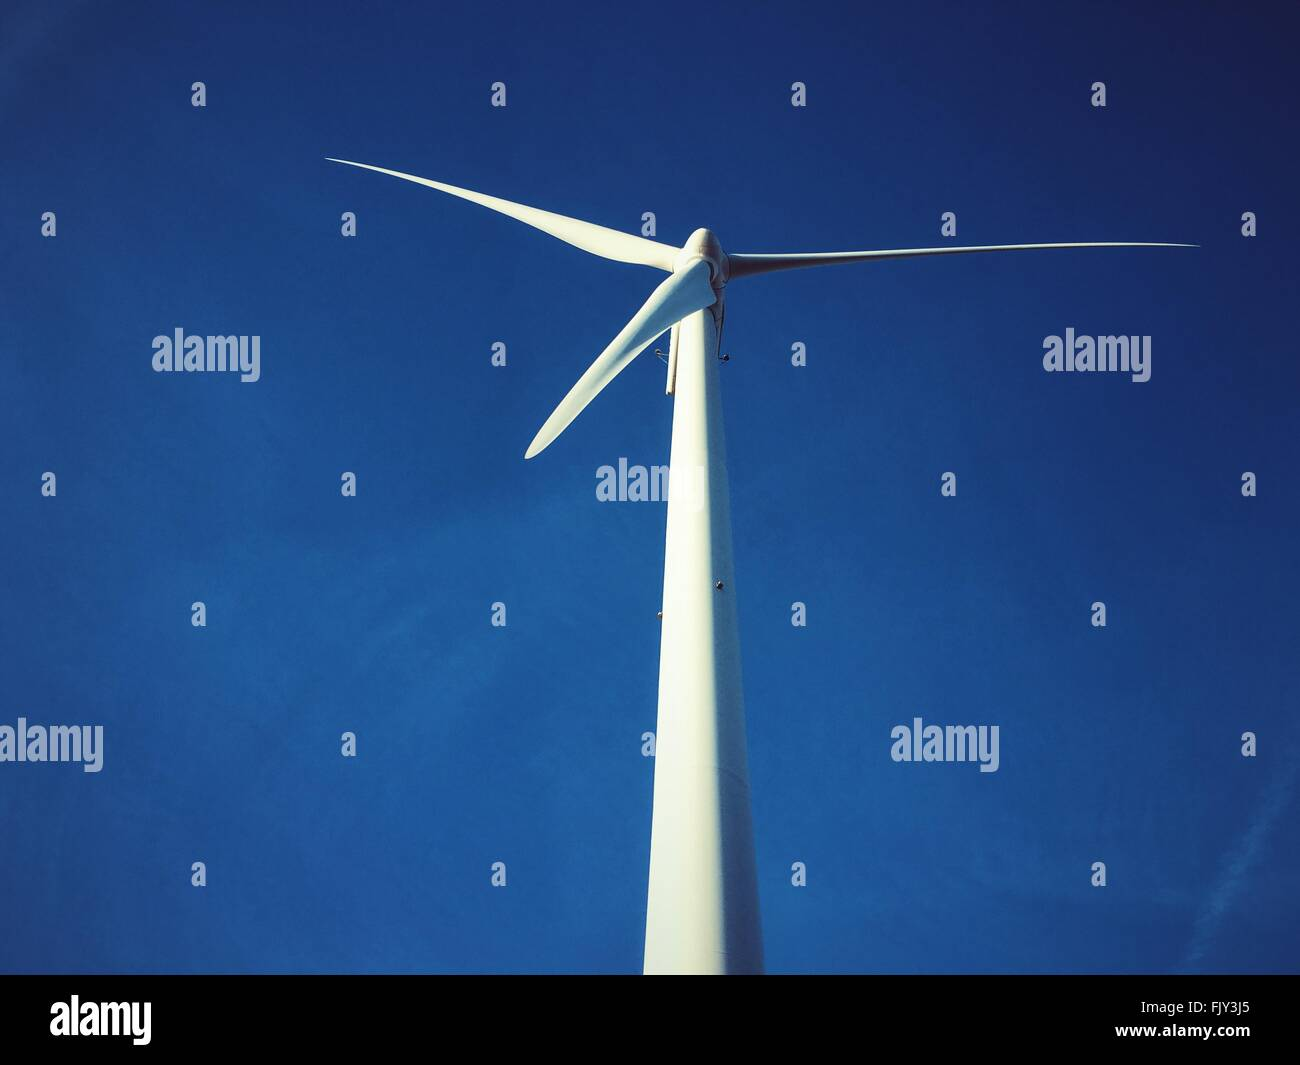 Basso angolo vista della turbina eolica contro il cielo blu Immagini Stock